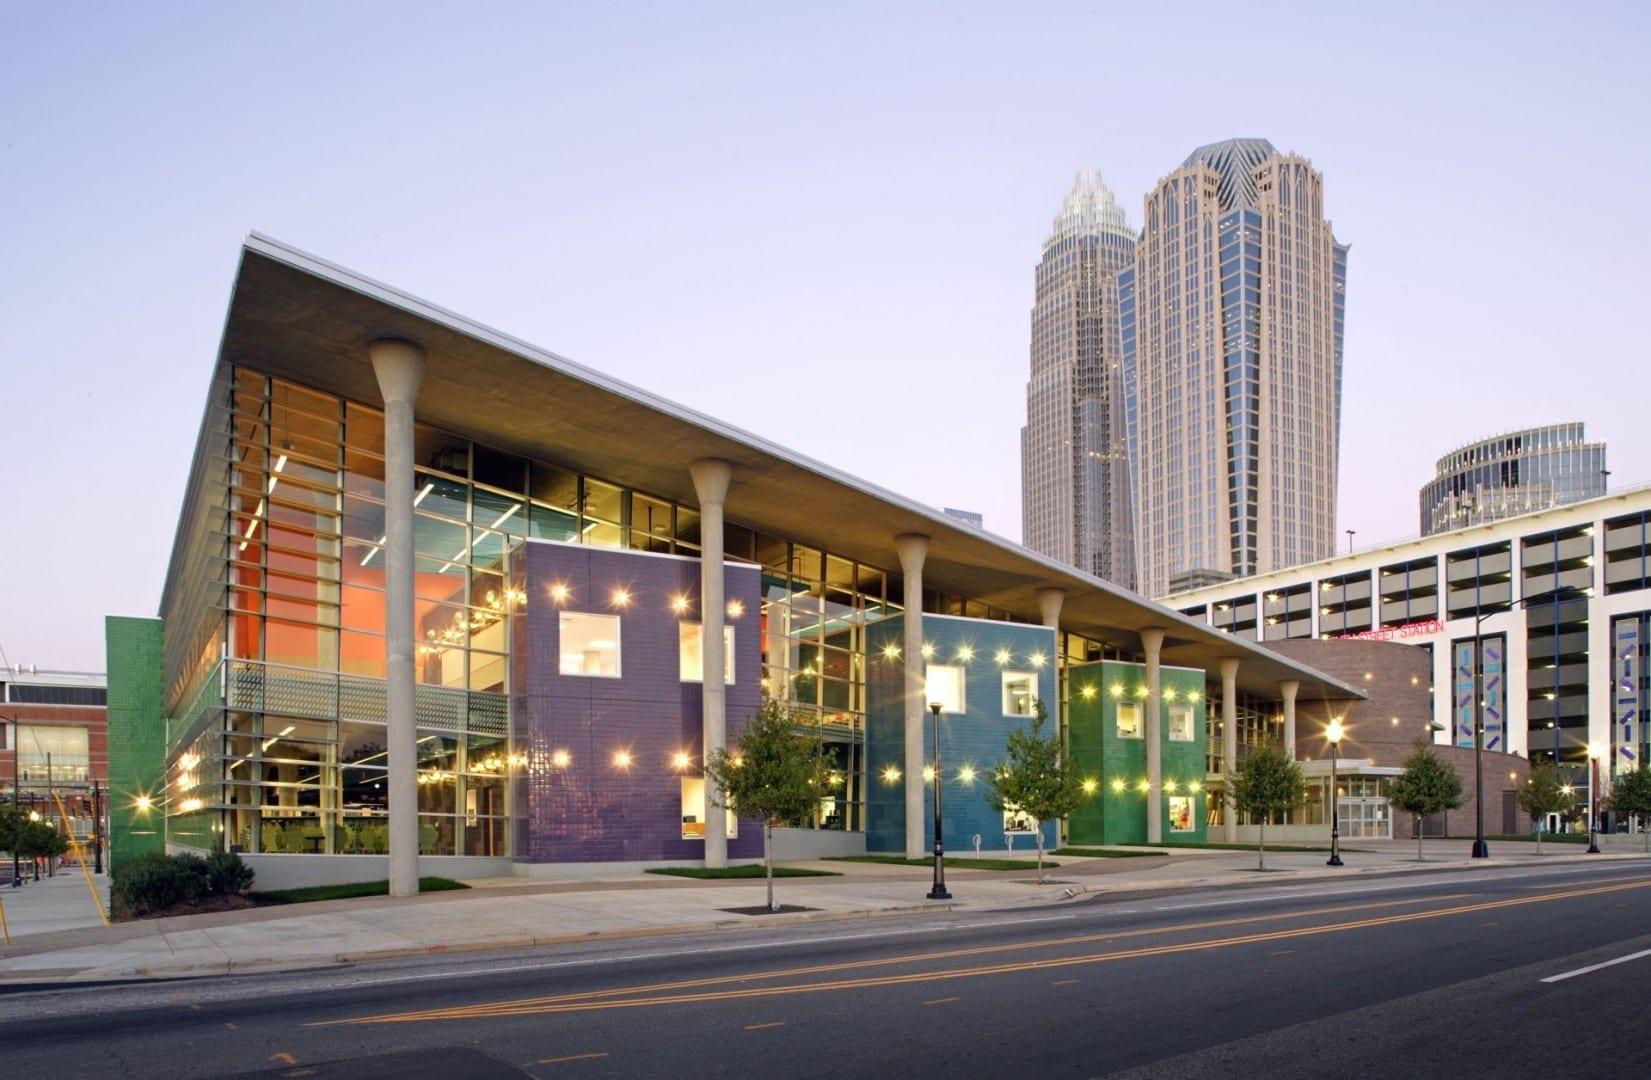 Imaginon y el Teatro Infantil de Charlotte Charlotte Estados Unidos